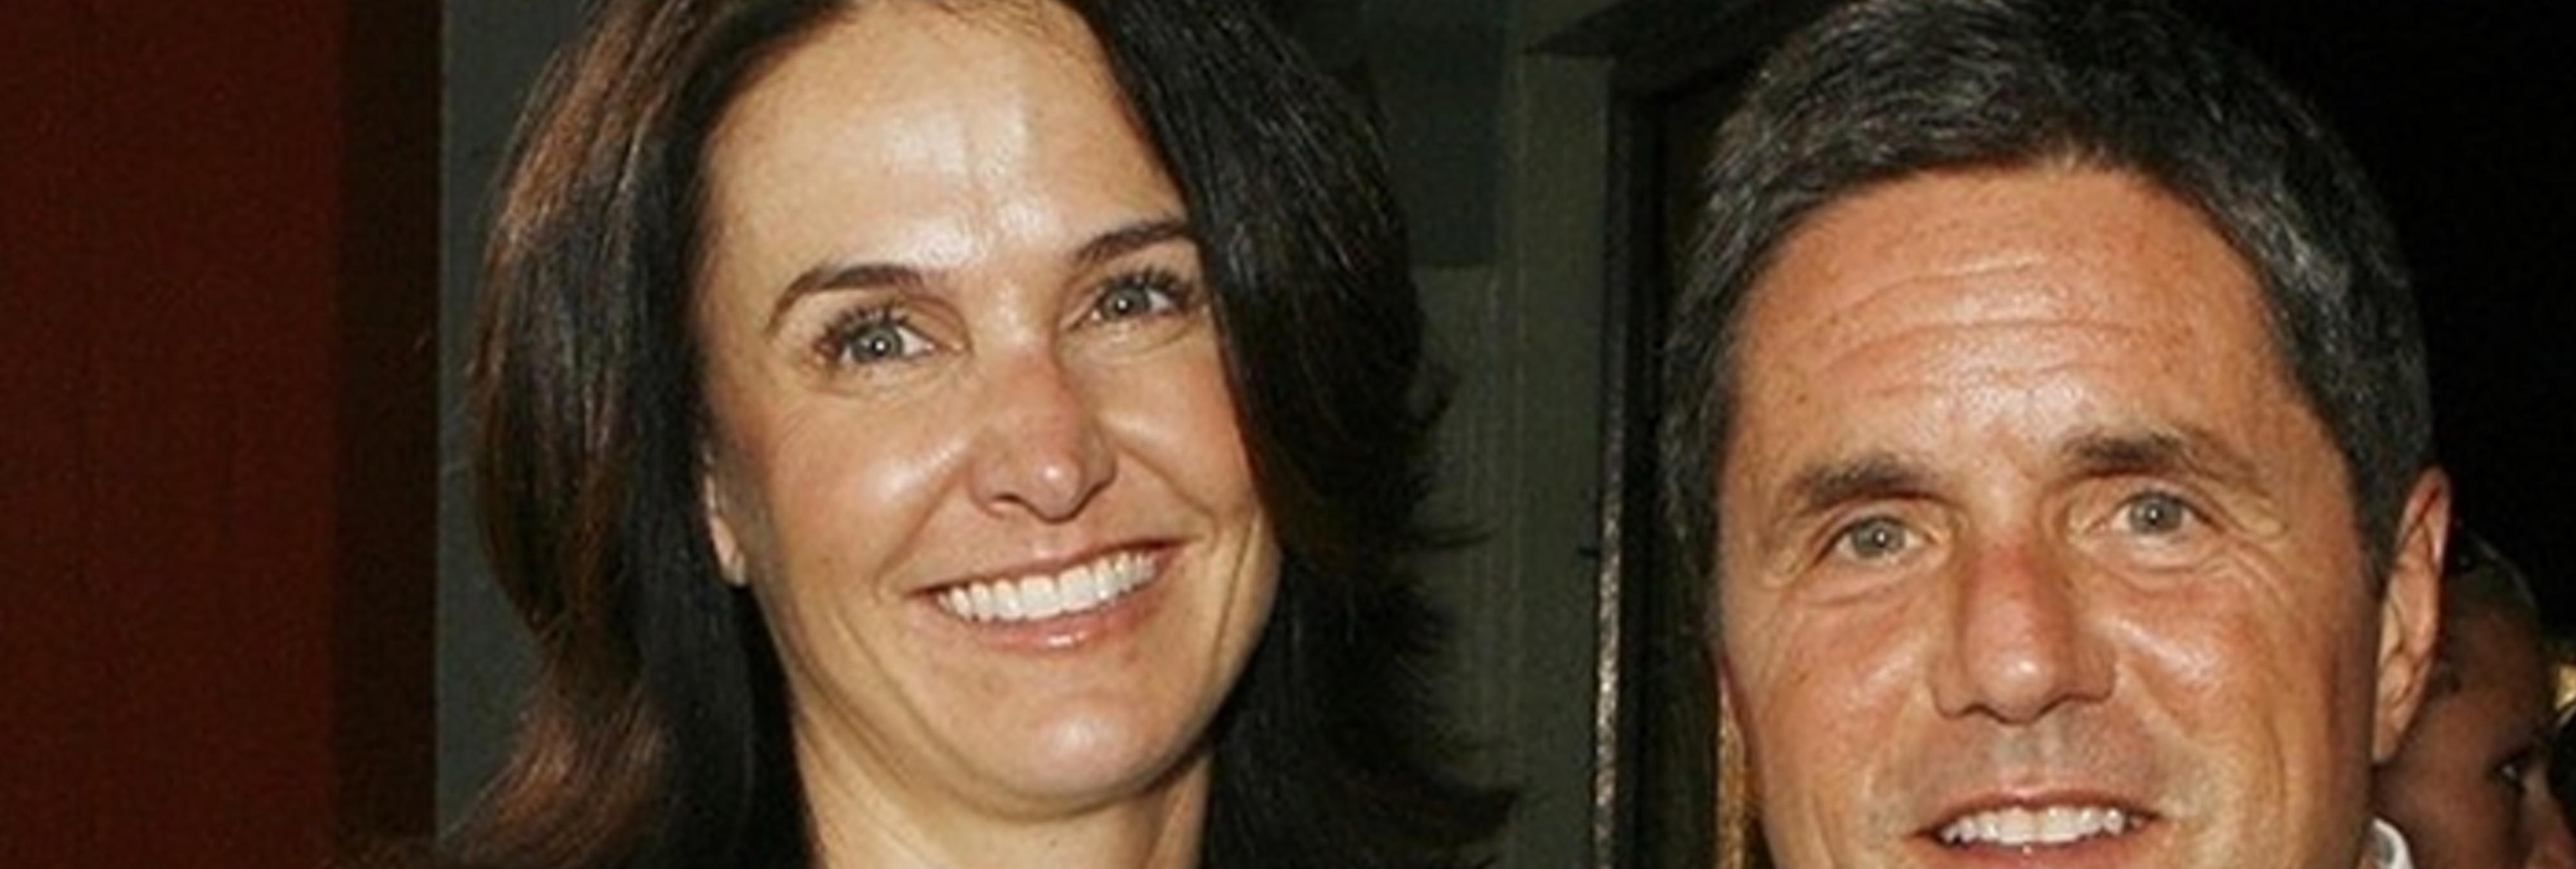 Se suicida la exrepresentante de Rose McGowan, la primera que denunció a Harvey Weinstein